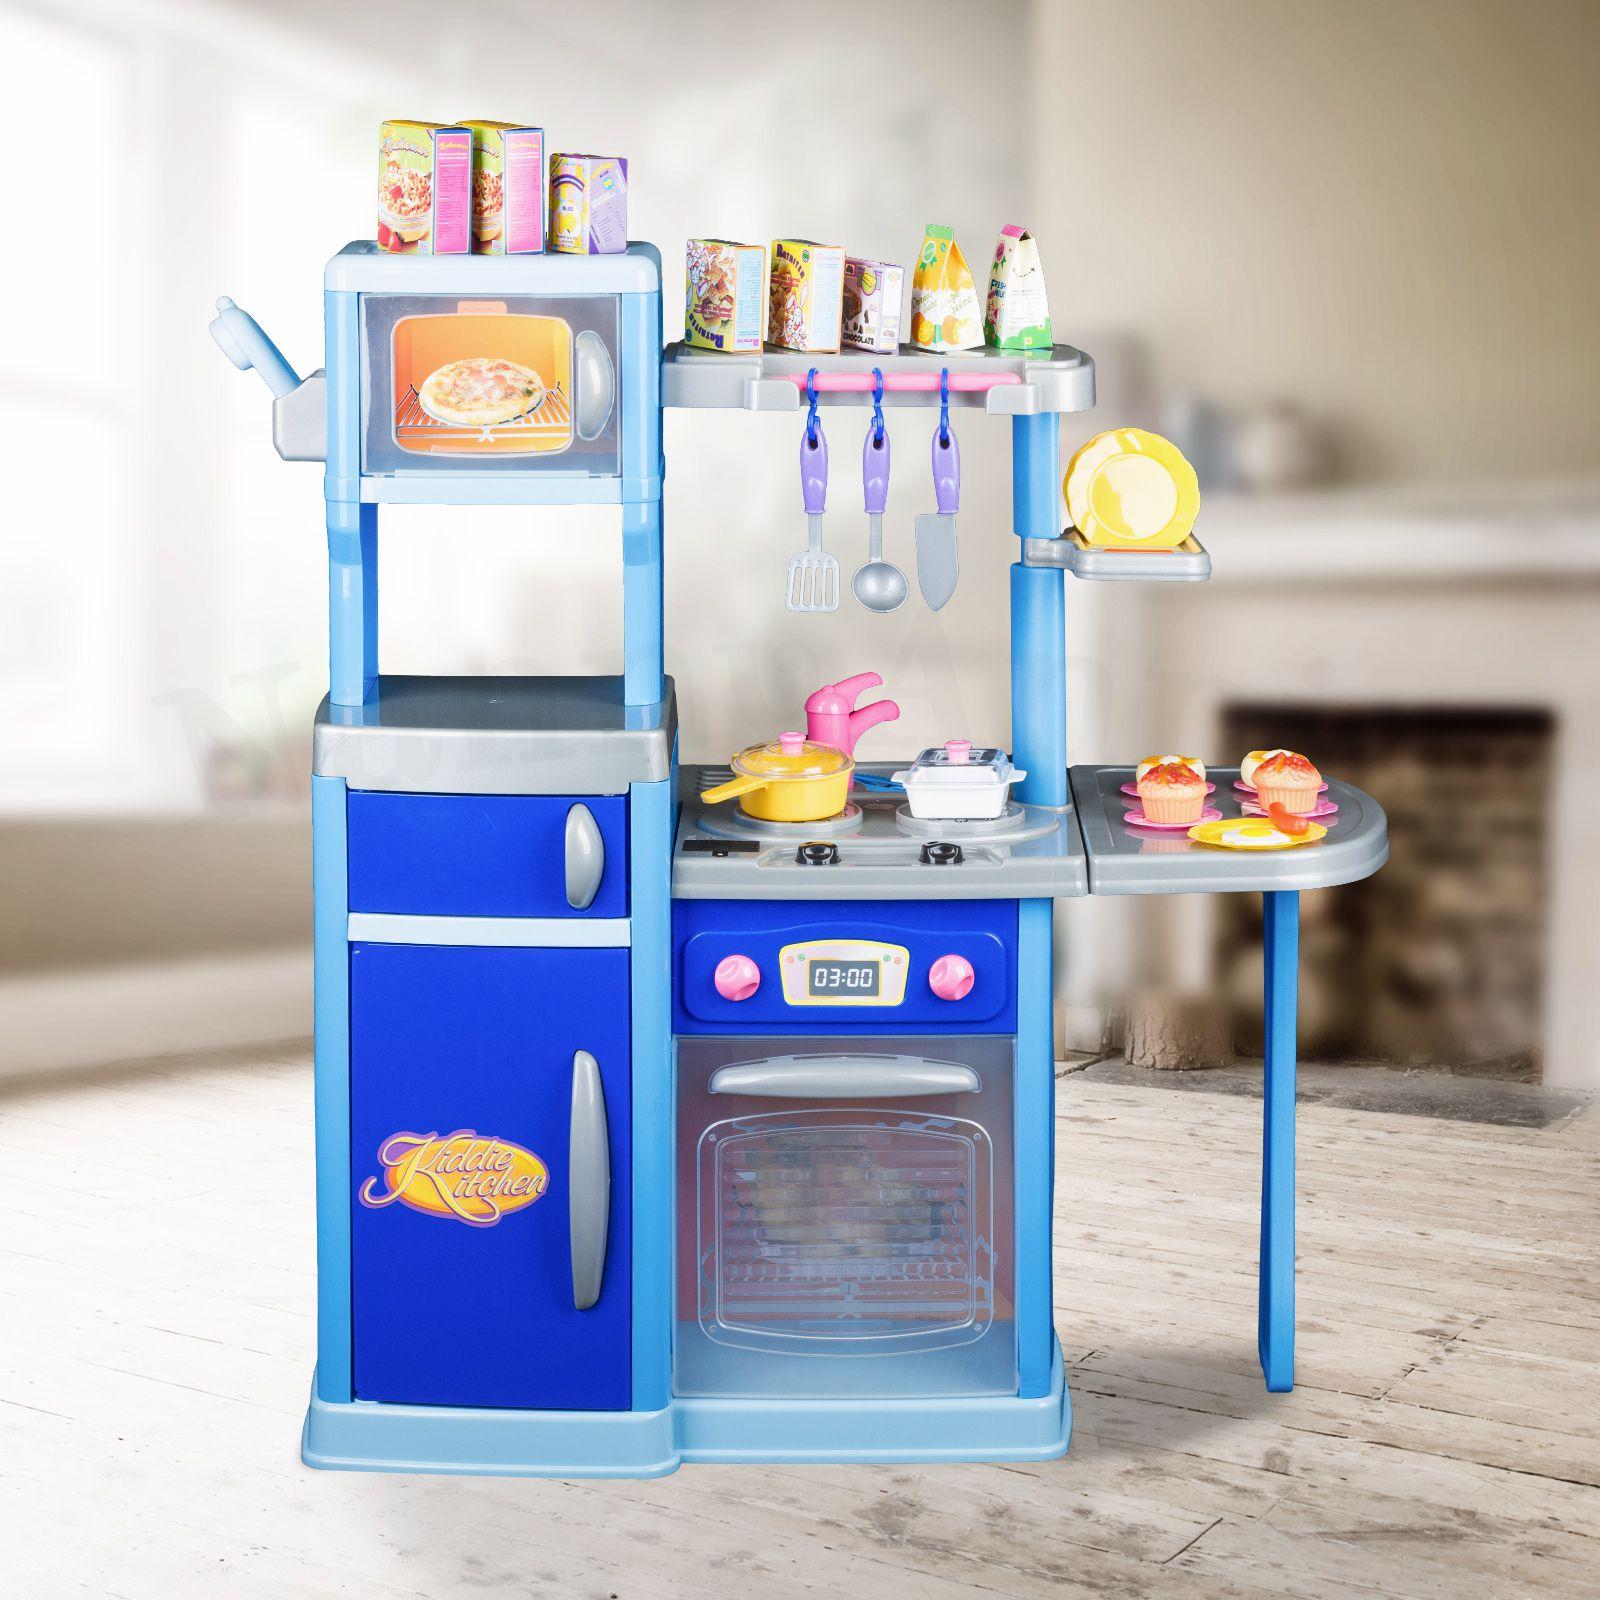 Oven Kitchen Set: Kids Kitchen Pretend Play Set Toy Children Cooking Home